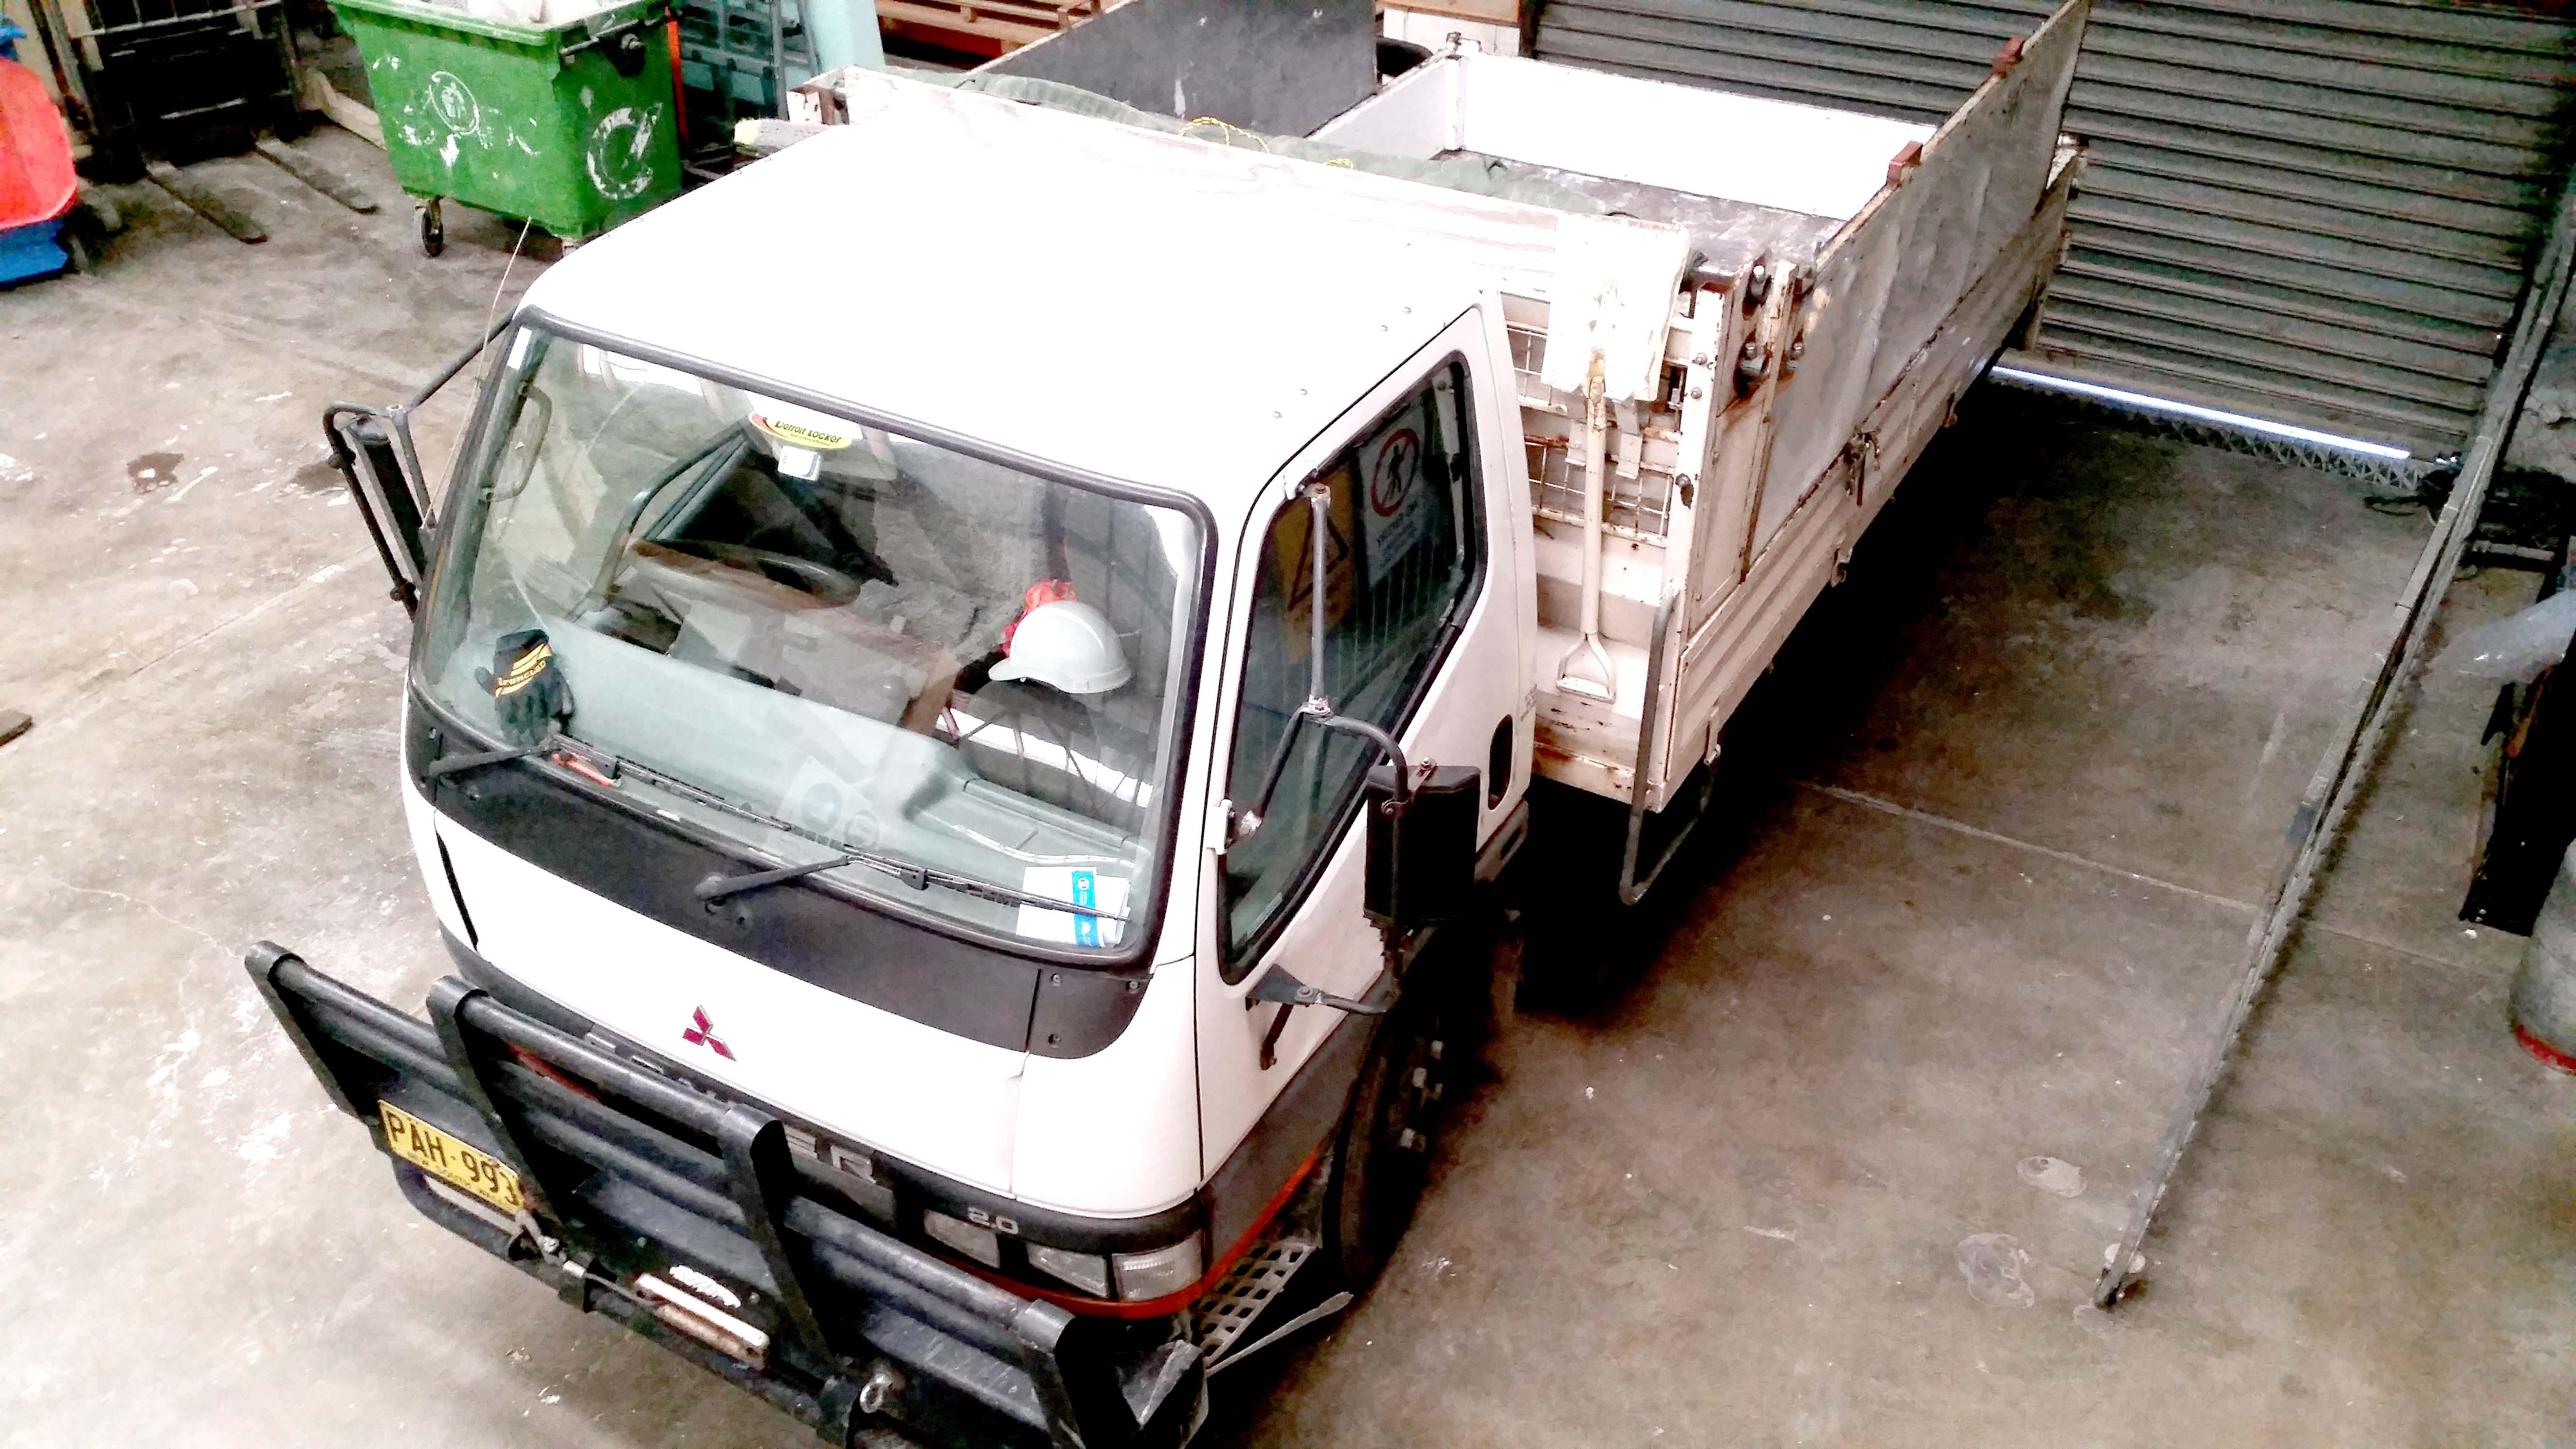 PAH993_Mitsubishi Canter (2)